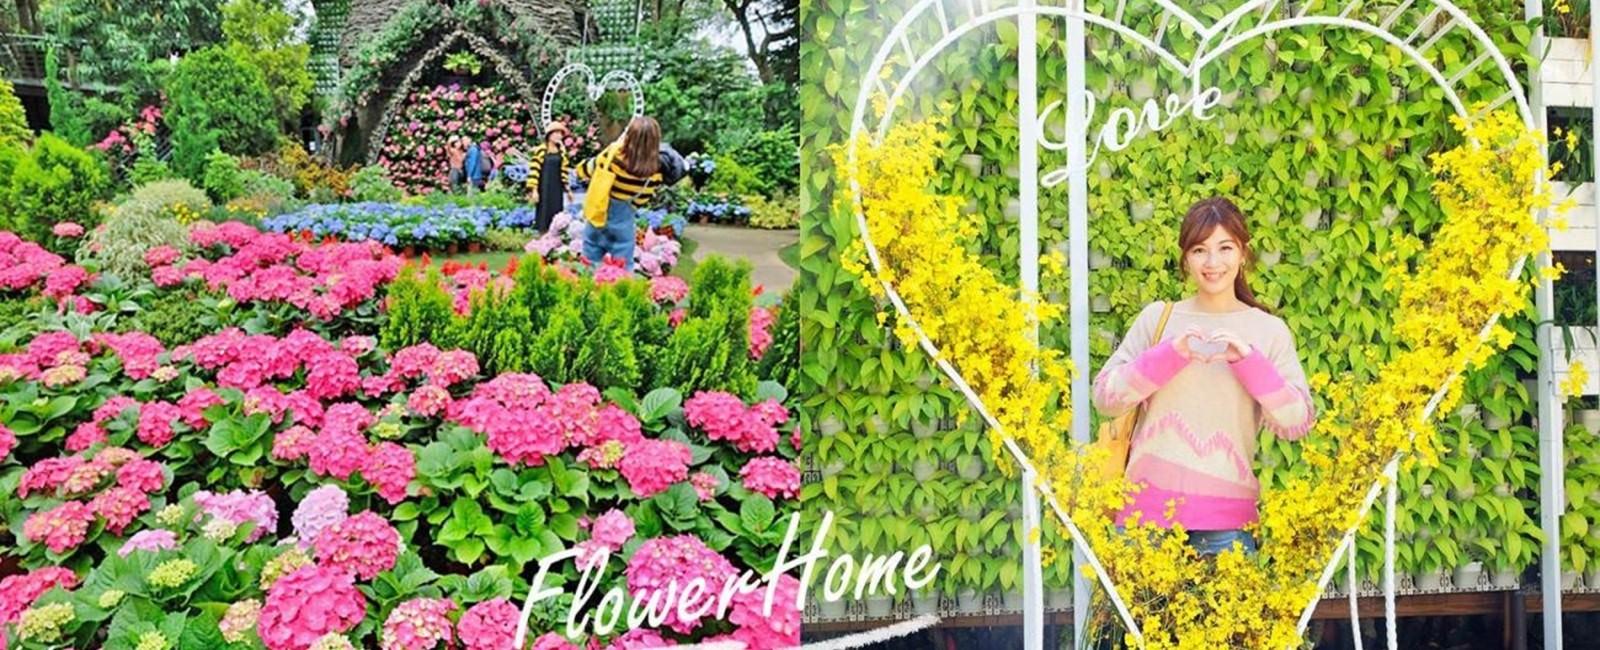 《苗栗一日遊》親子之旅、生態旅行、採果、採草莓、賞花、景觀餐廳、親子飯店~苗栗太好玩了!